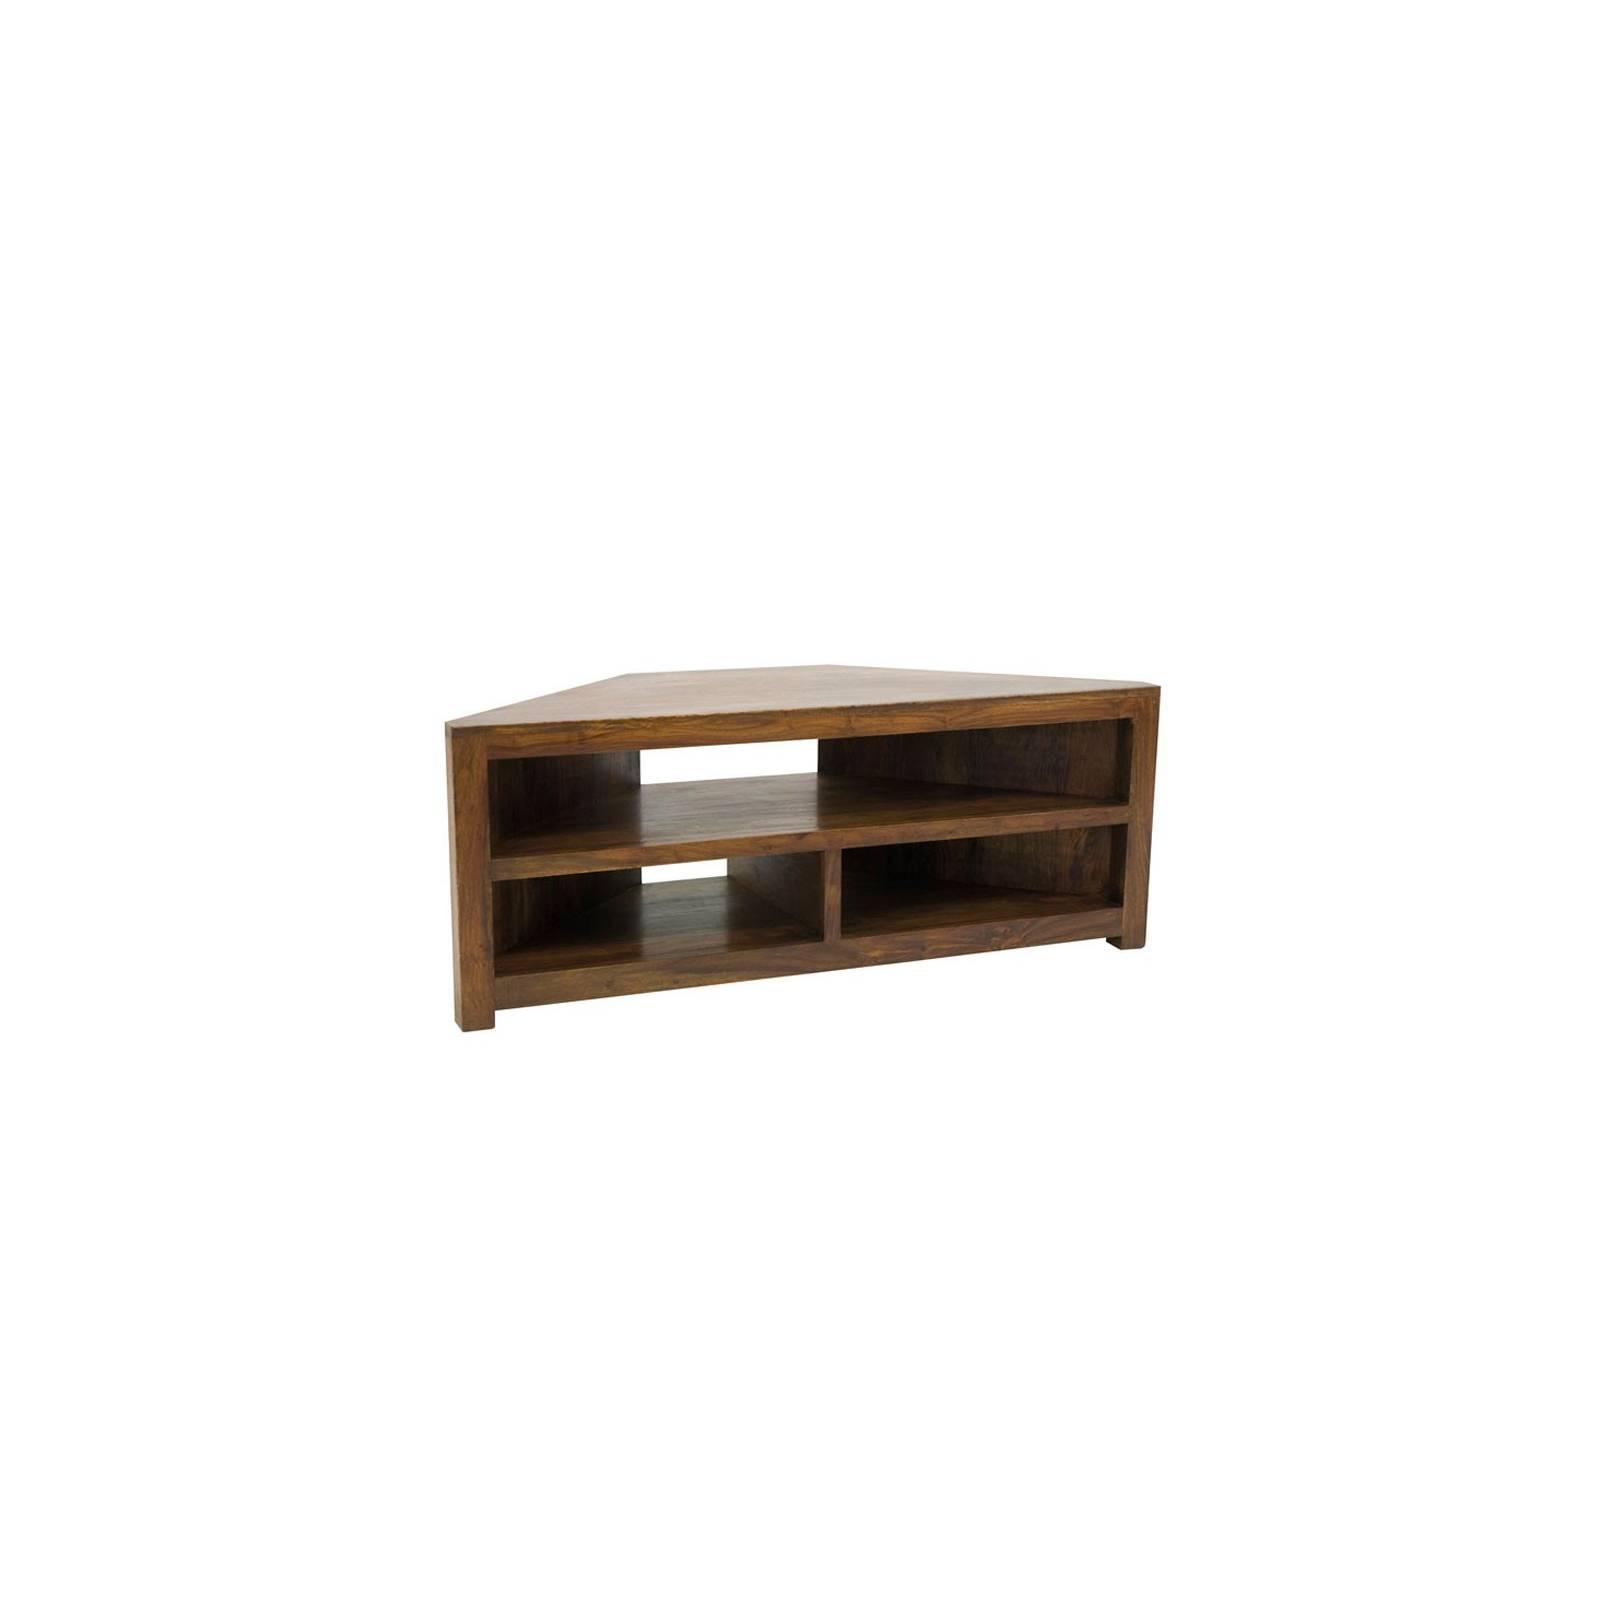 Meuble Tv d'Angle Zen Palissandre - meubles bois exotique